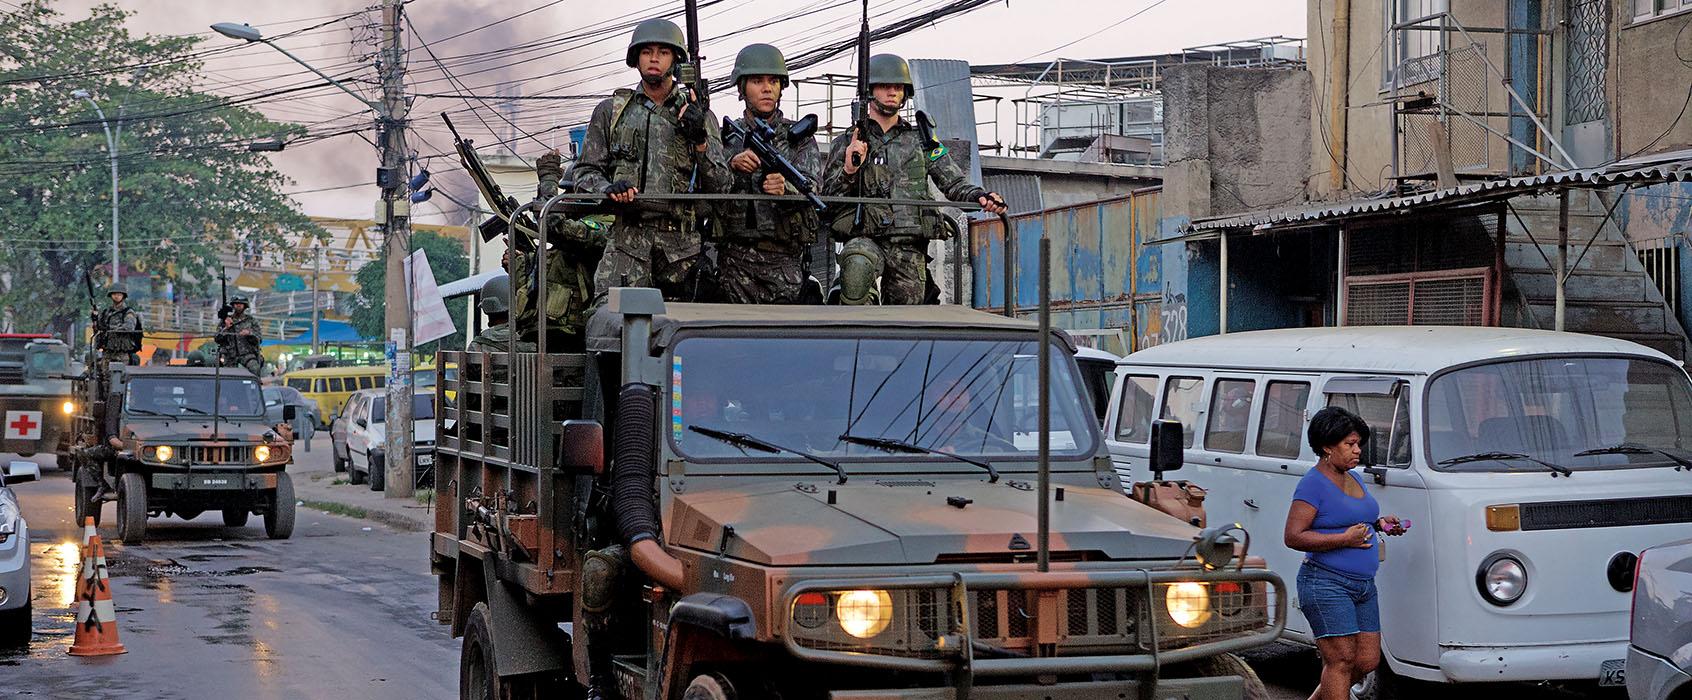 mvg_Rio_#29__Militar